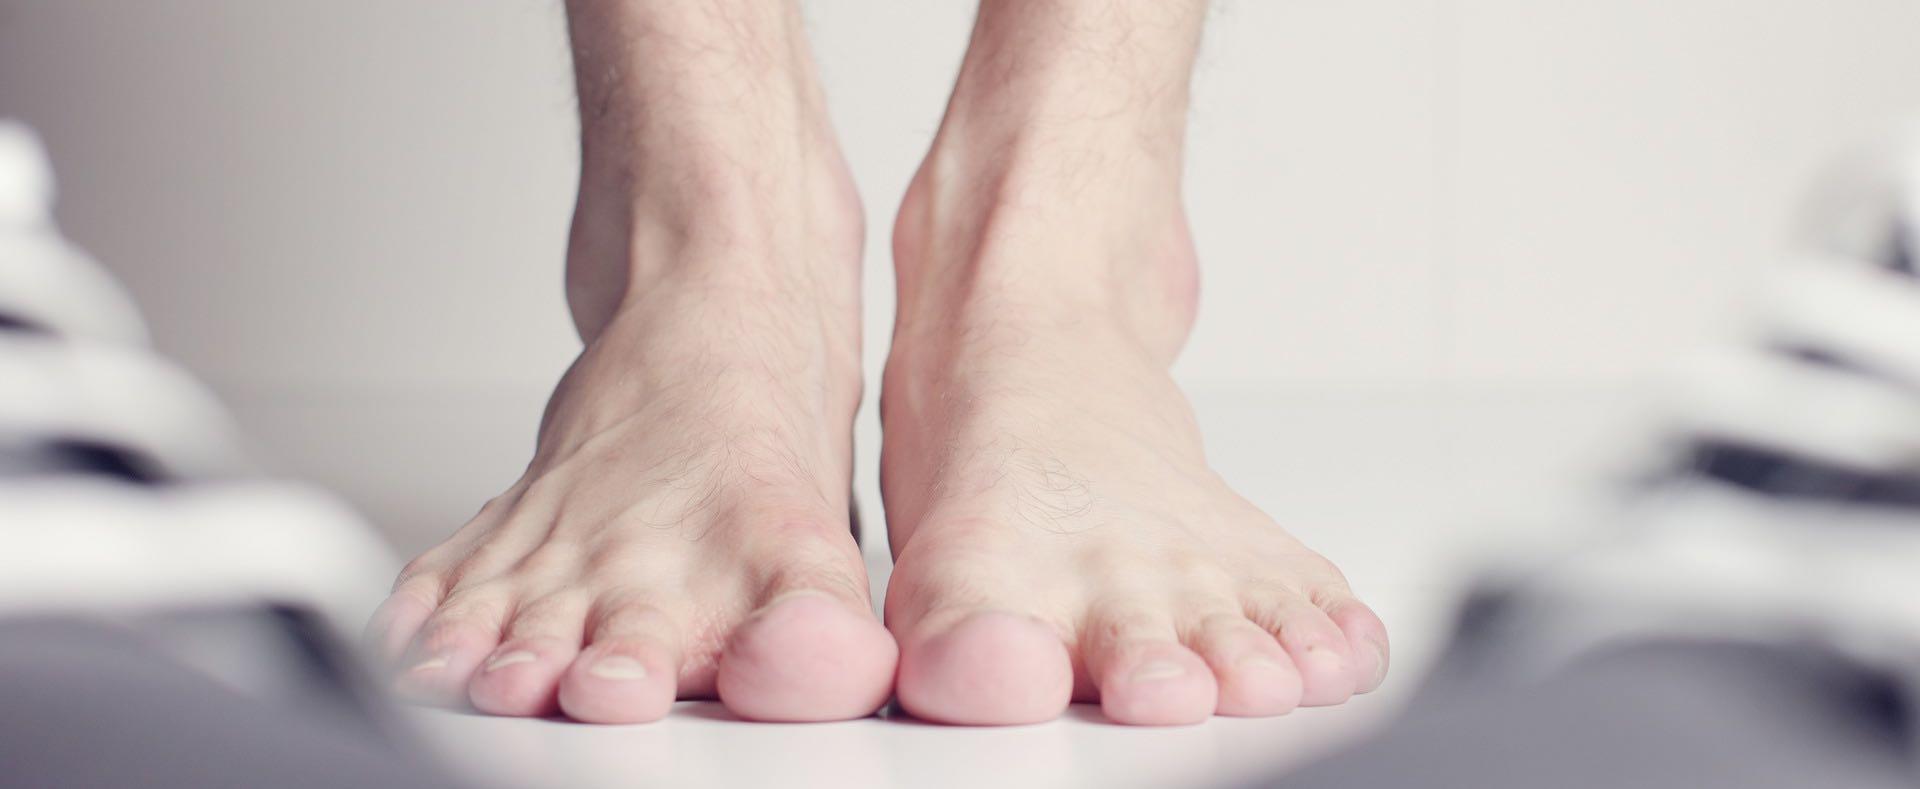 下床走路如針扎 2招預防足底筋膜炎